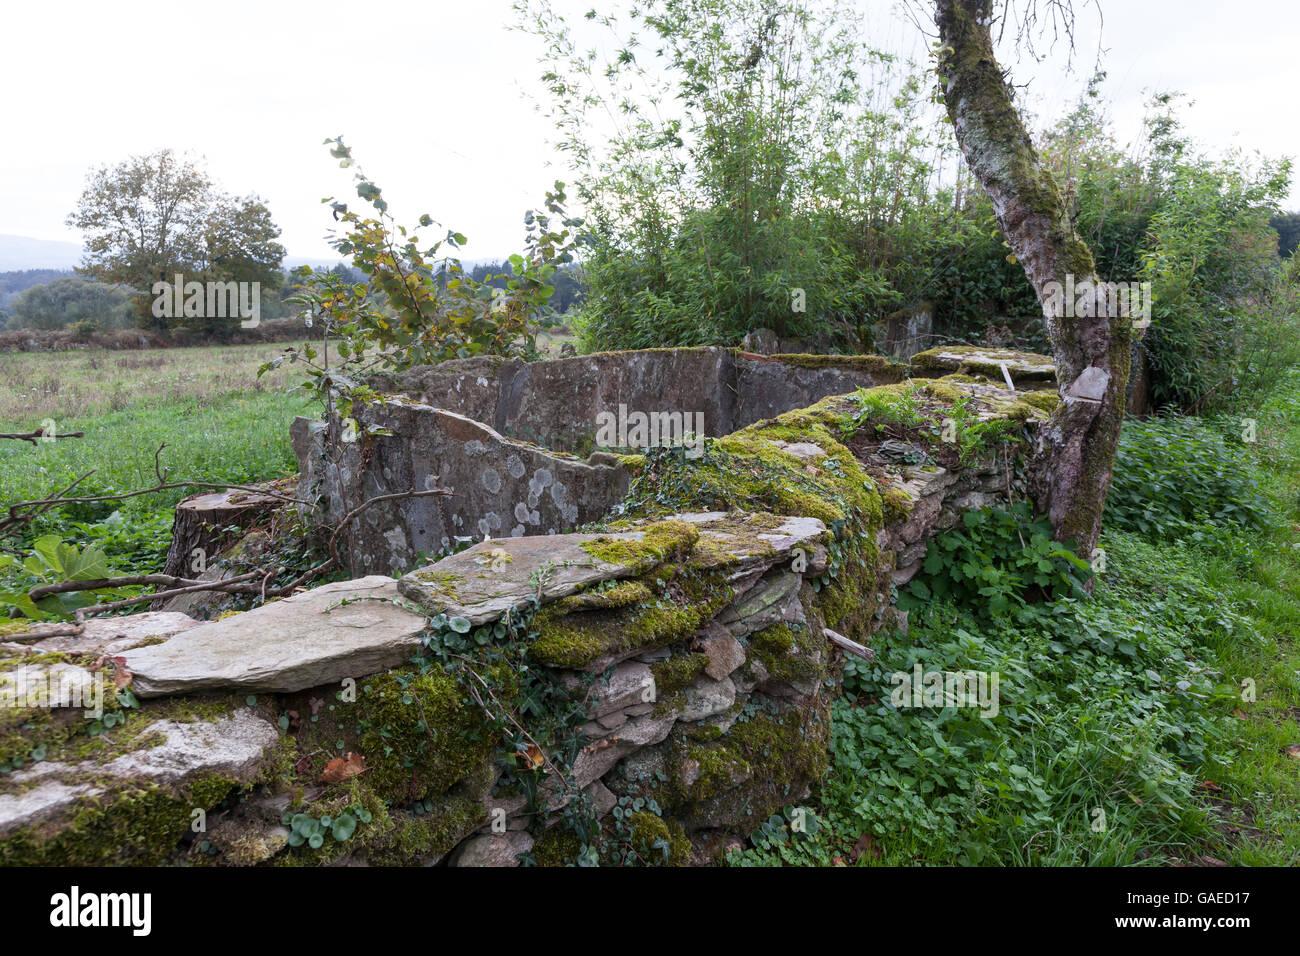 San Romao da Retorta, Spain: Primitive stone water catchment at a farm in the village. - Stock Image